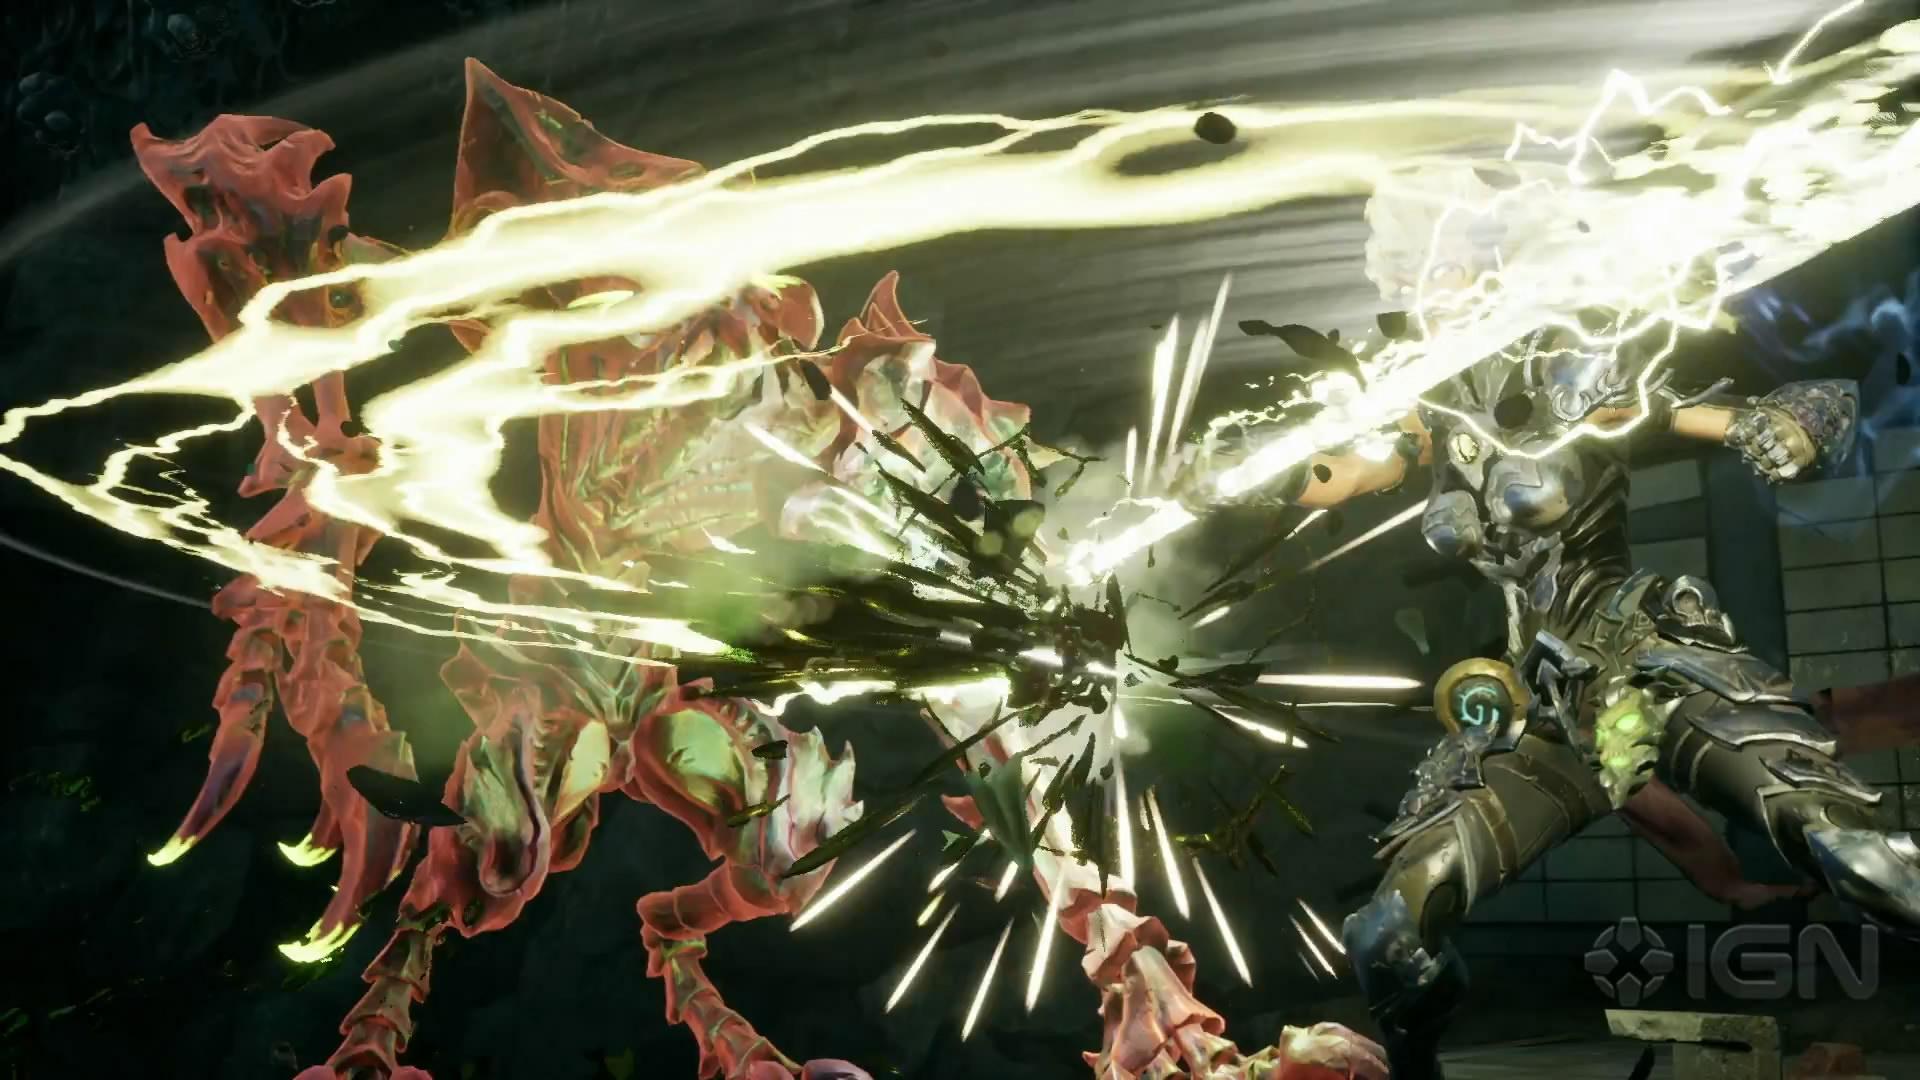 《暗黑血统3》全新预告片 女神手舞长鞭大杀四方